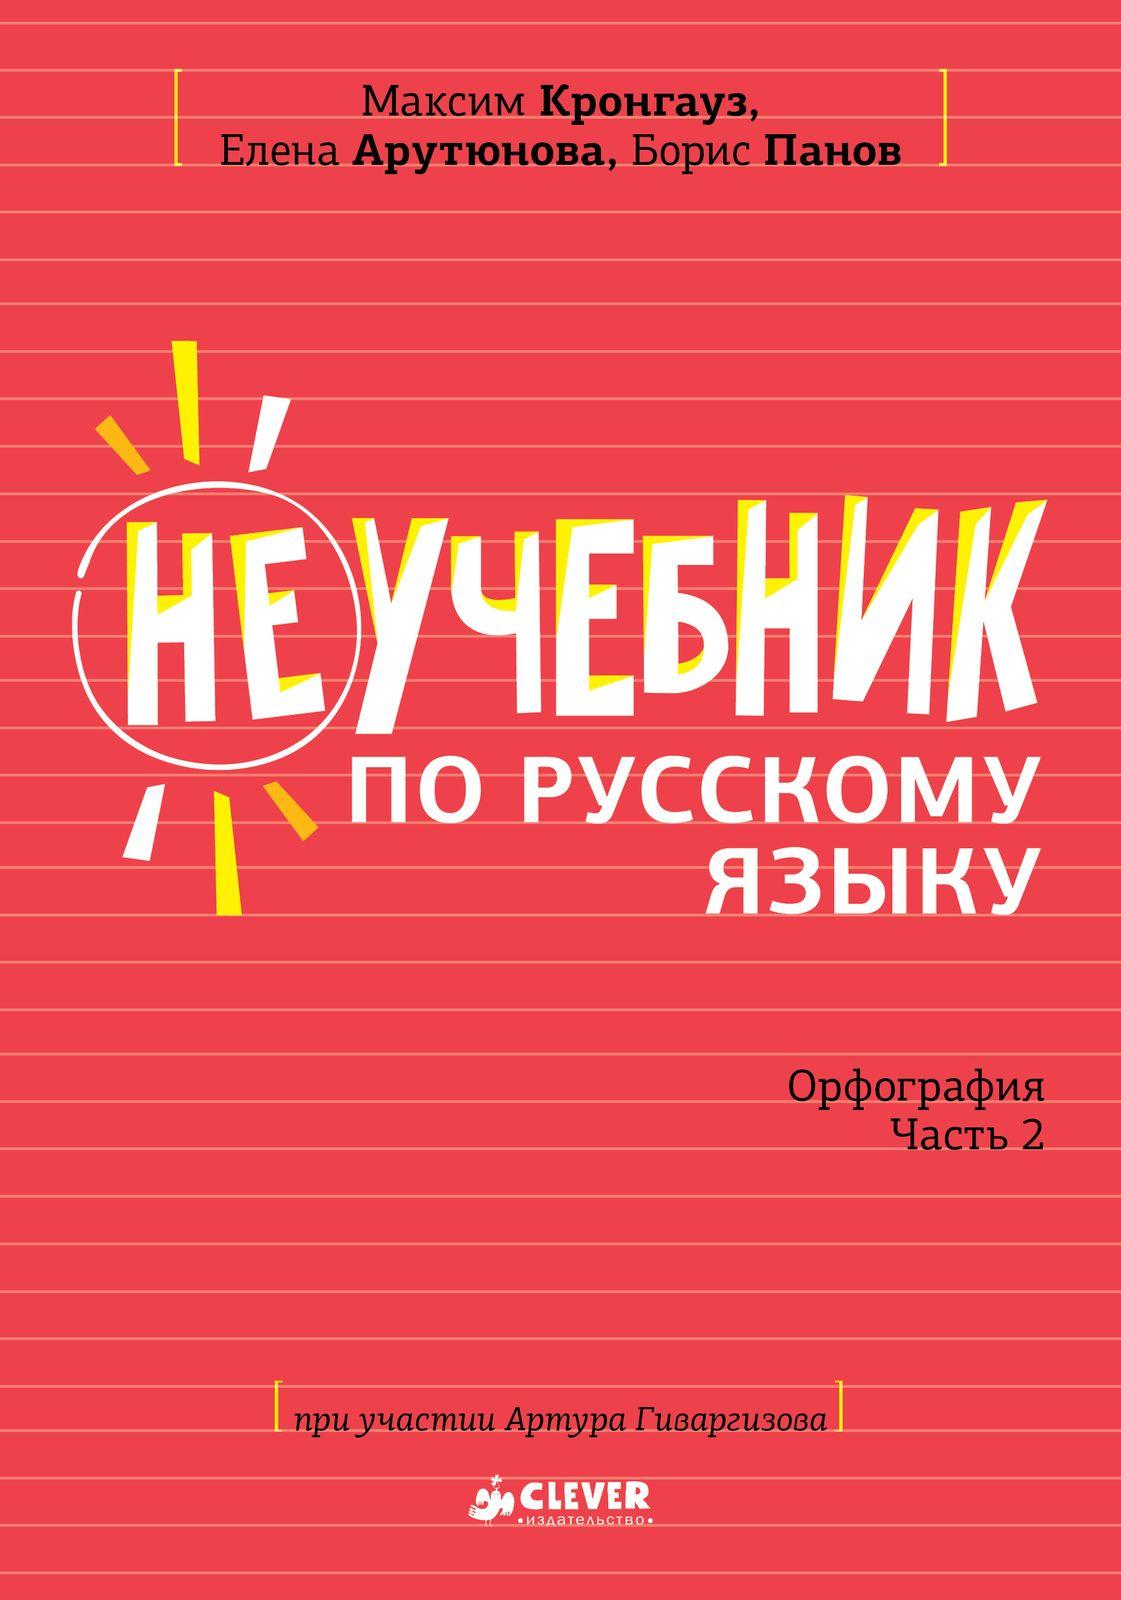 Неучебник по русскому языку. Орфография. Часть 2 фото